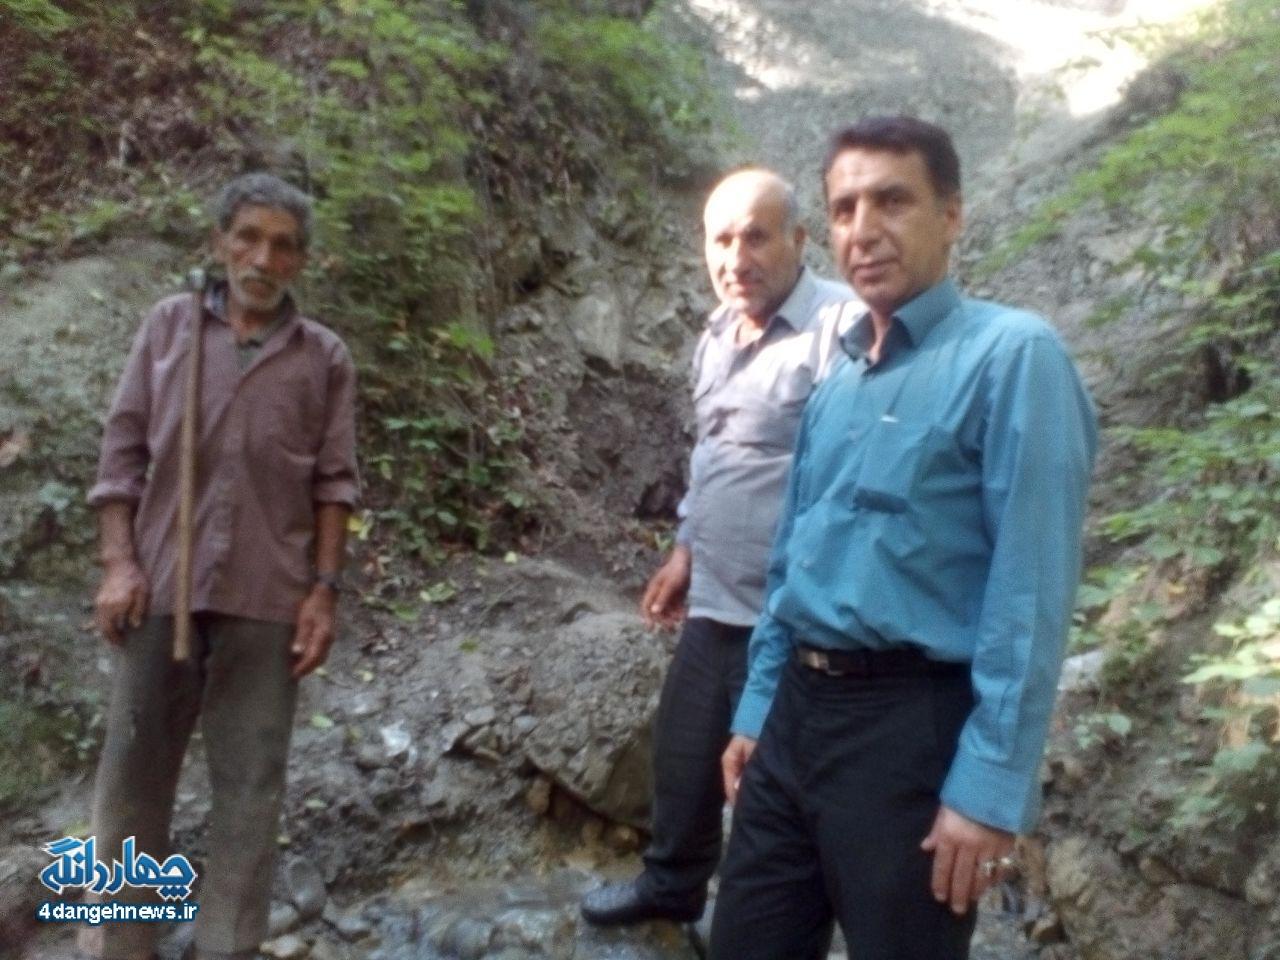 پیگیری حل مشکلات کشاورزان چهاردانگه توسط شورای اسلامی بخش